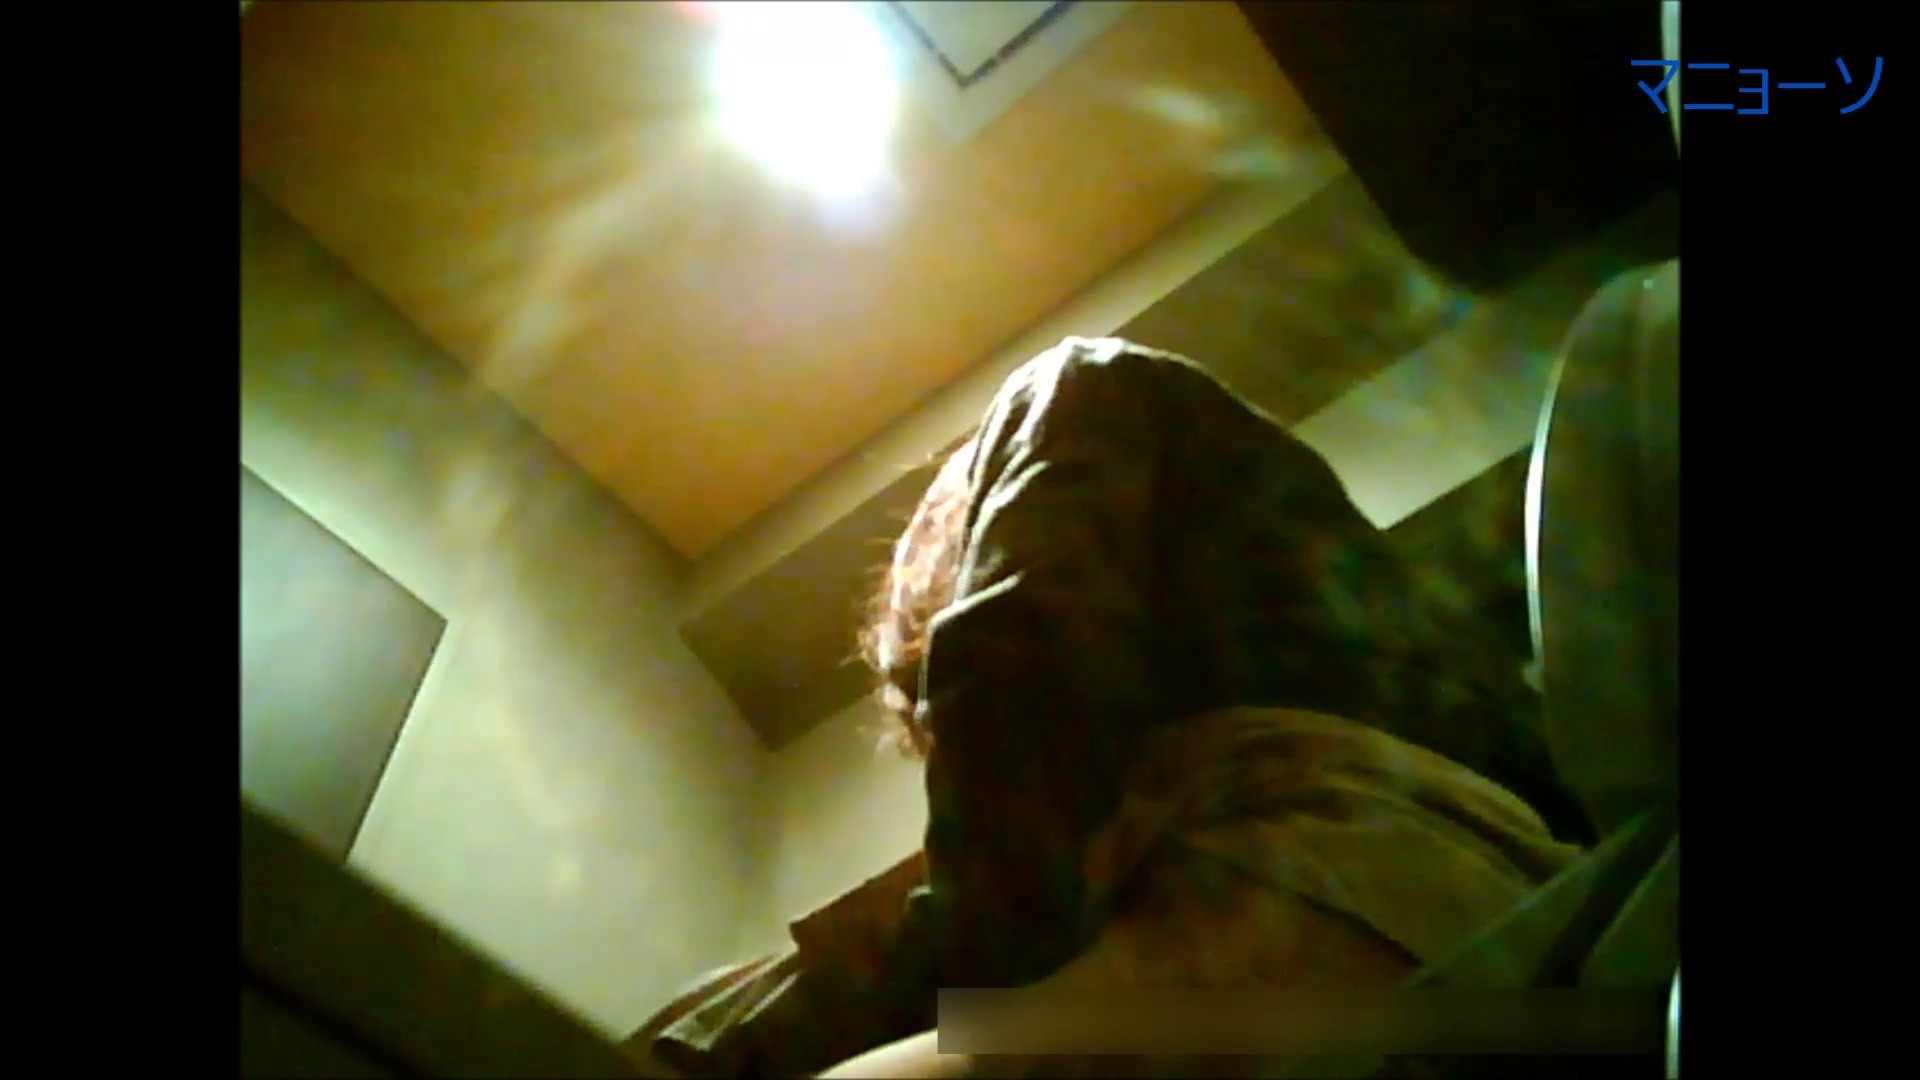 トイレでひと肌脱いでもらいました (JD編)Vol.01 OL  93pic 59